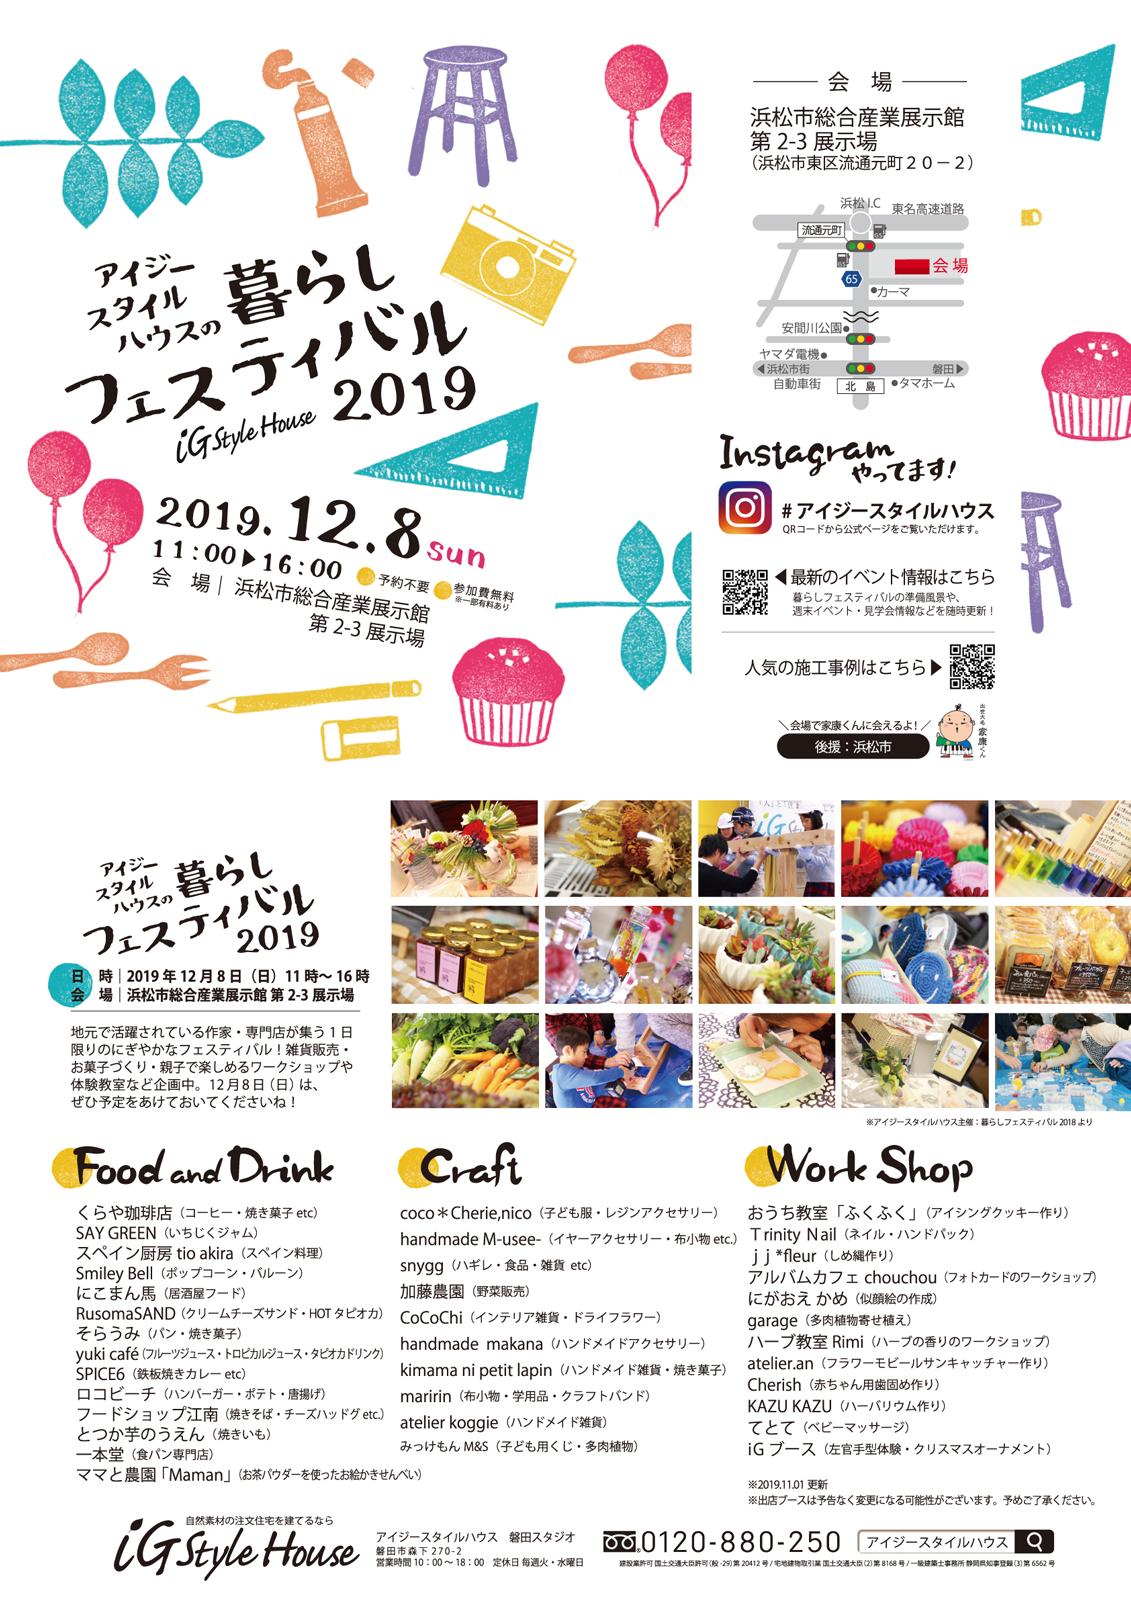 最新11月5日現在|リーフレット|暮らしフェスティバル2019 【磐田】-1